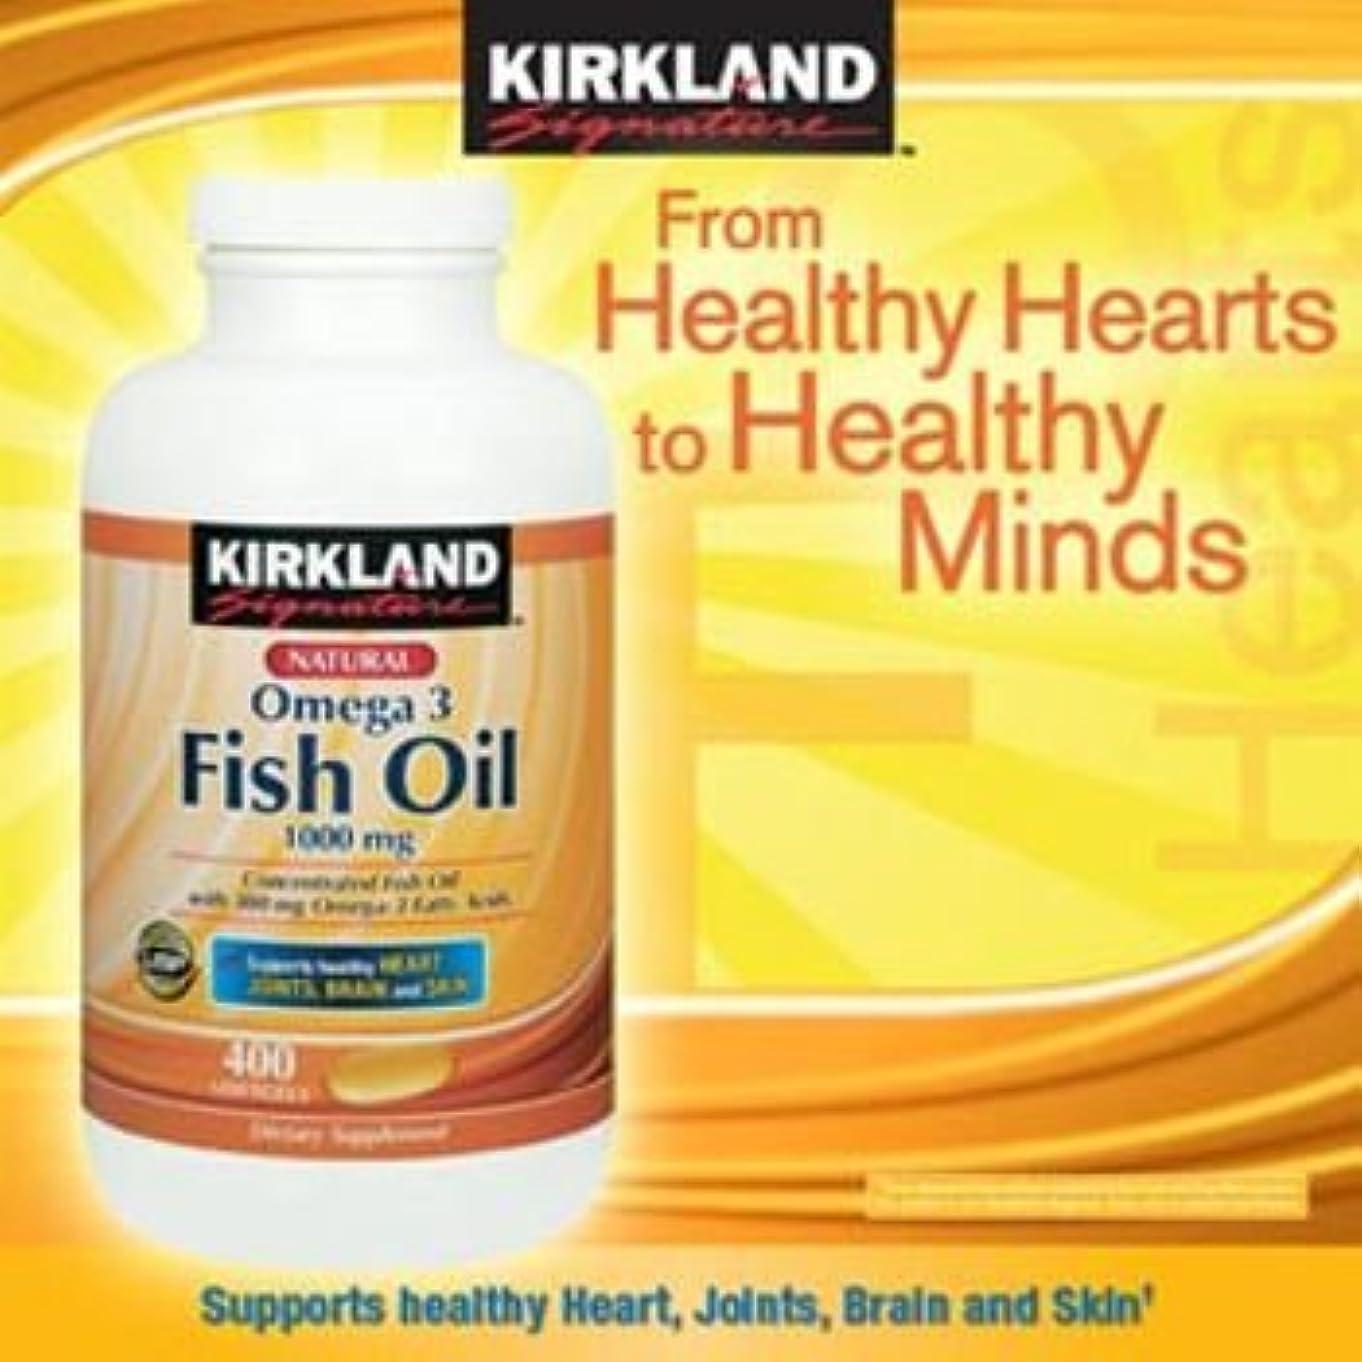 帰る統計国民投票KIRKLAND社 フィッシュオイル (DHA+EPA) オメガ3 1000mg 400ソフトカプセル 3本 [並行輸入品] [海外直送品] 3 Bottles of KIRKLAND's Fish Oil (DHA +...